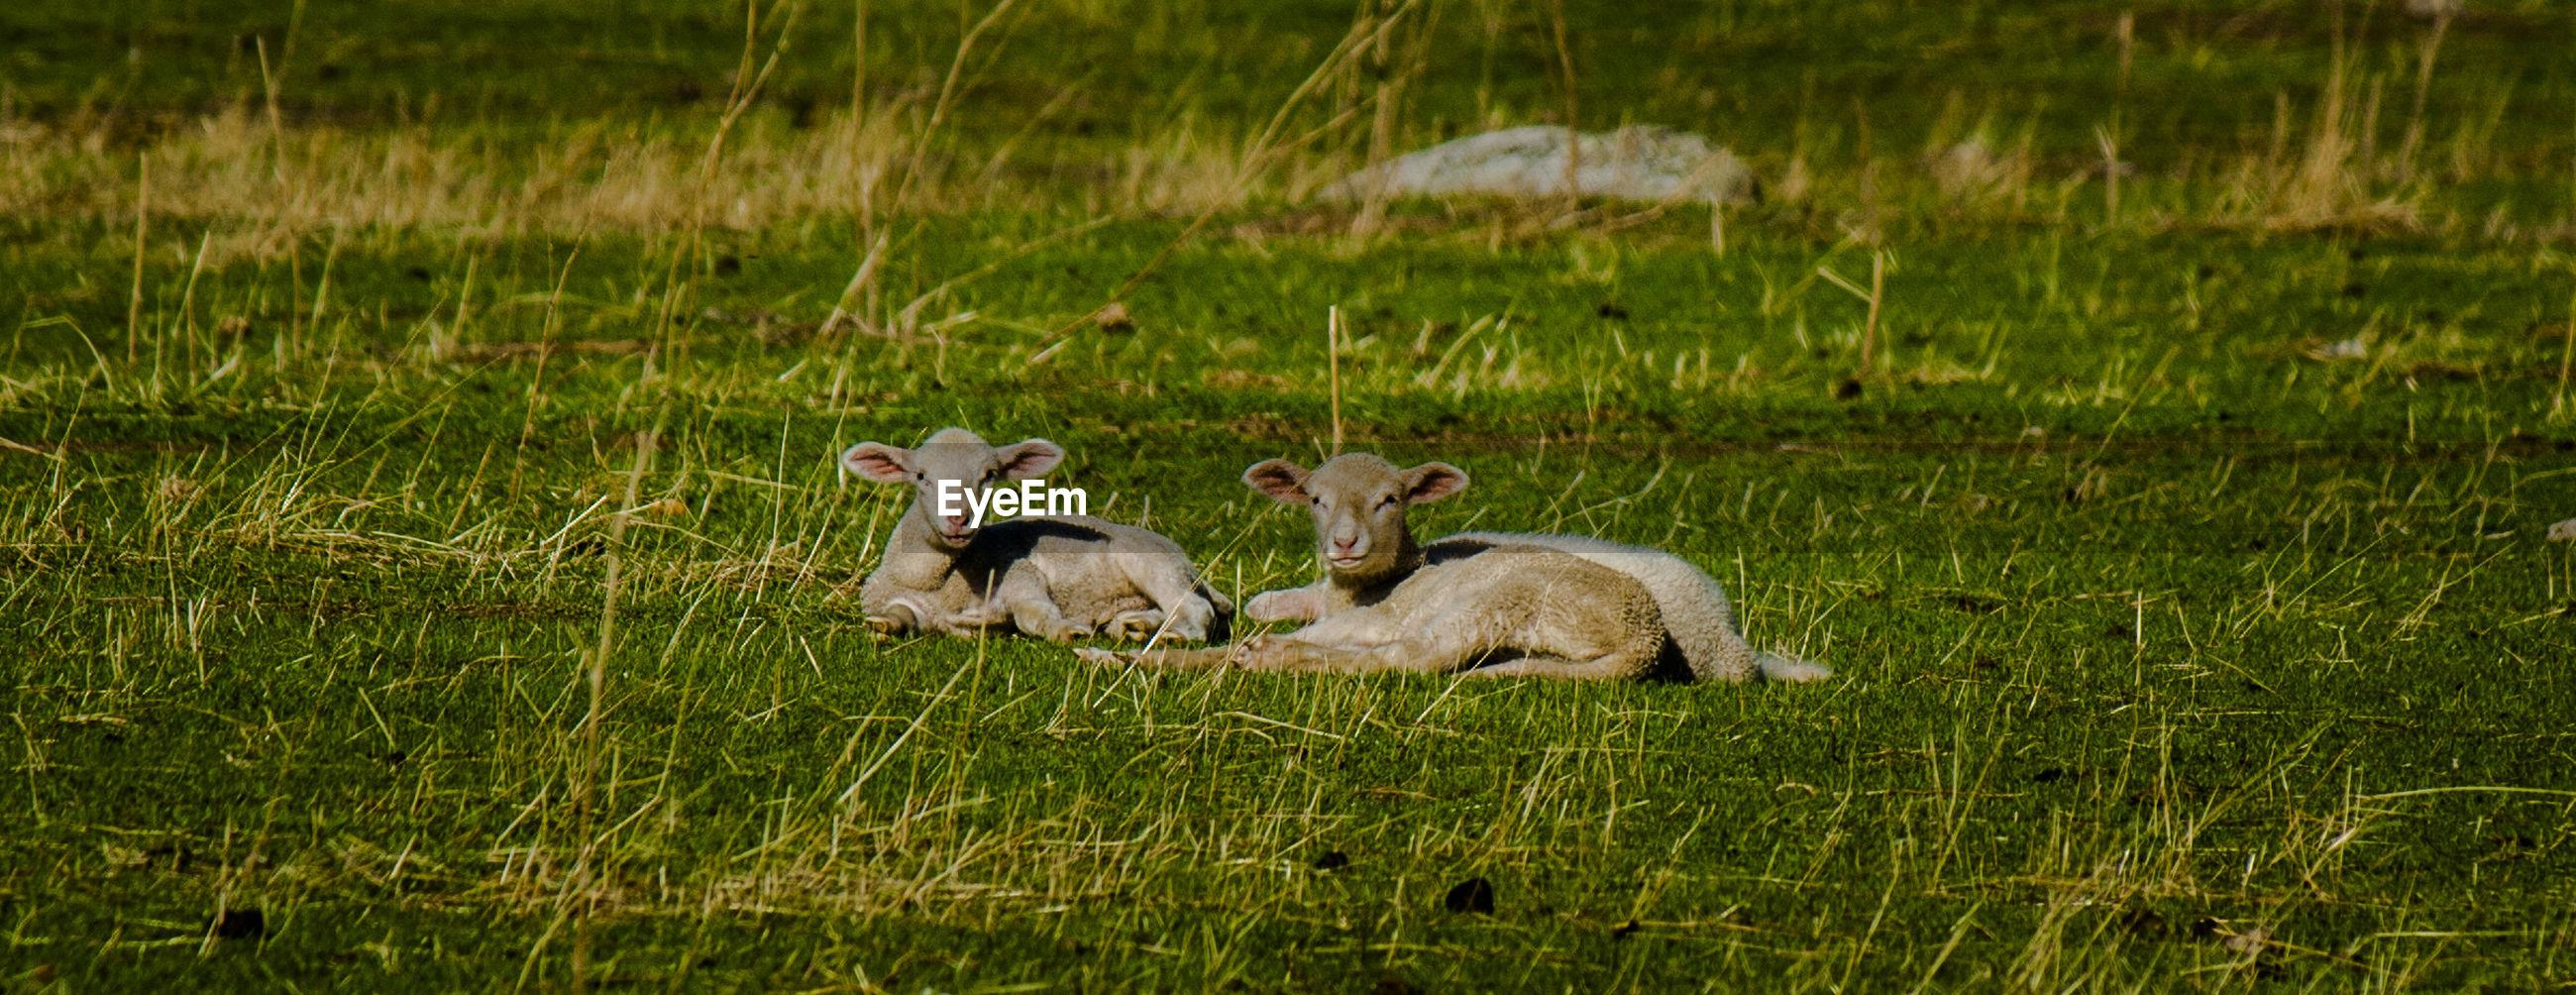 Lamb resting on grassy field